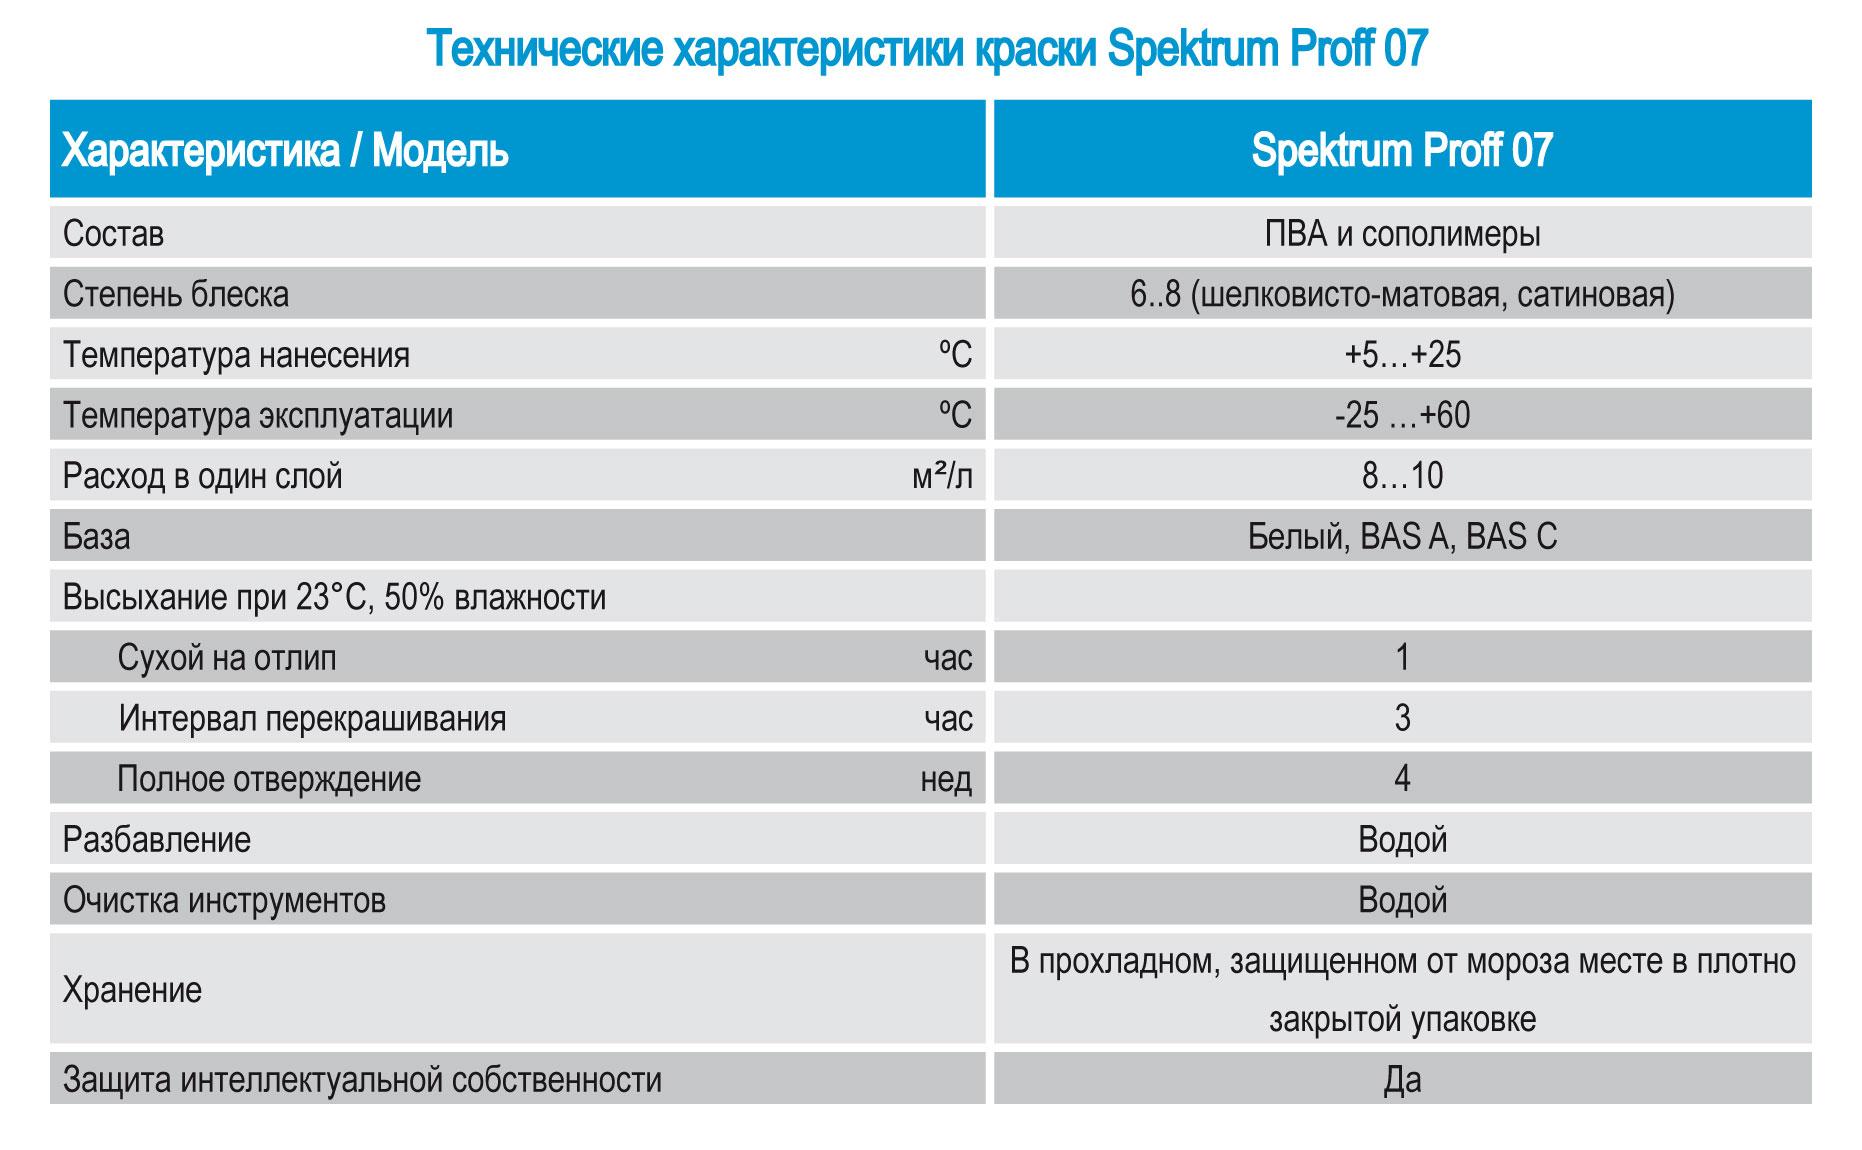 Kraska Spektrum Proff 07, tekhnicheskije kharakteristiki